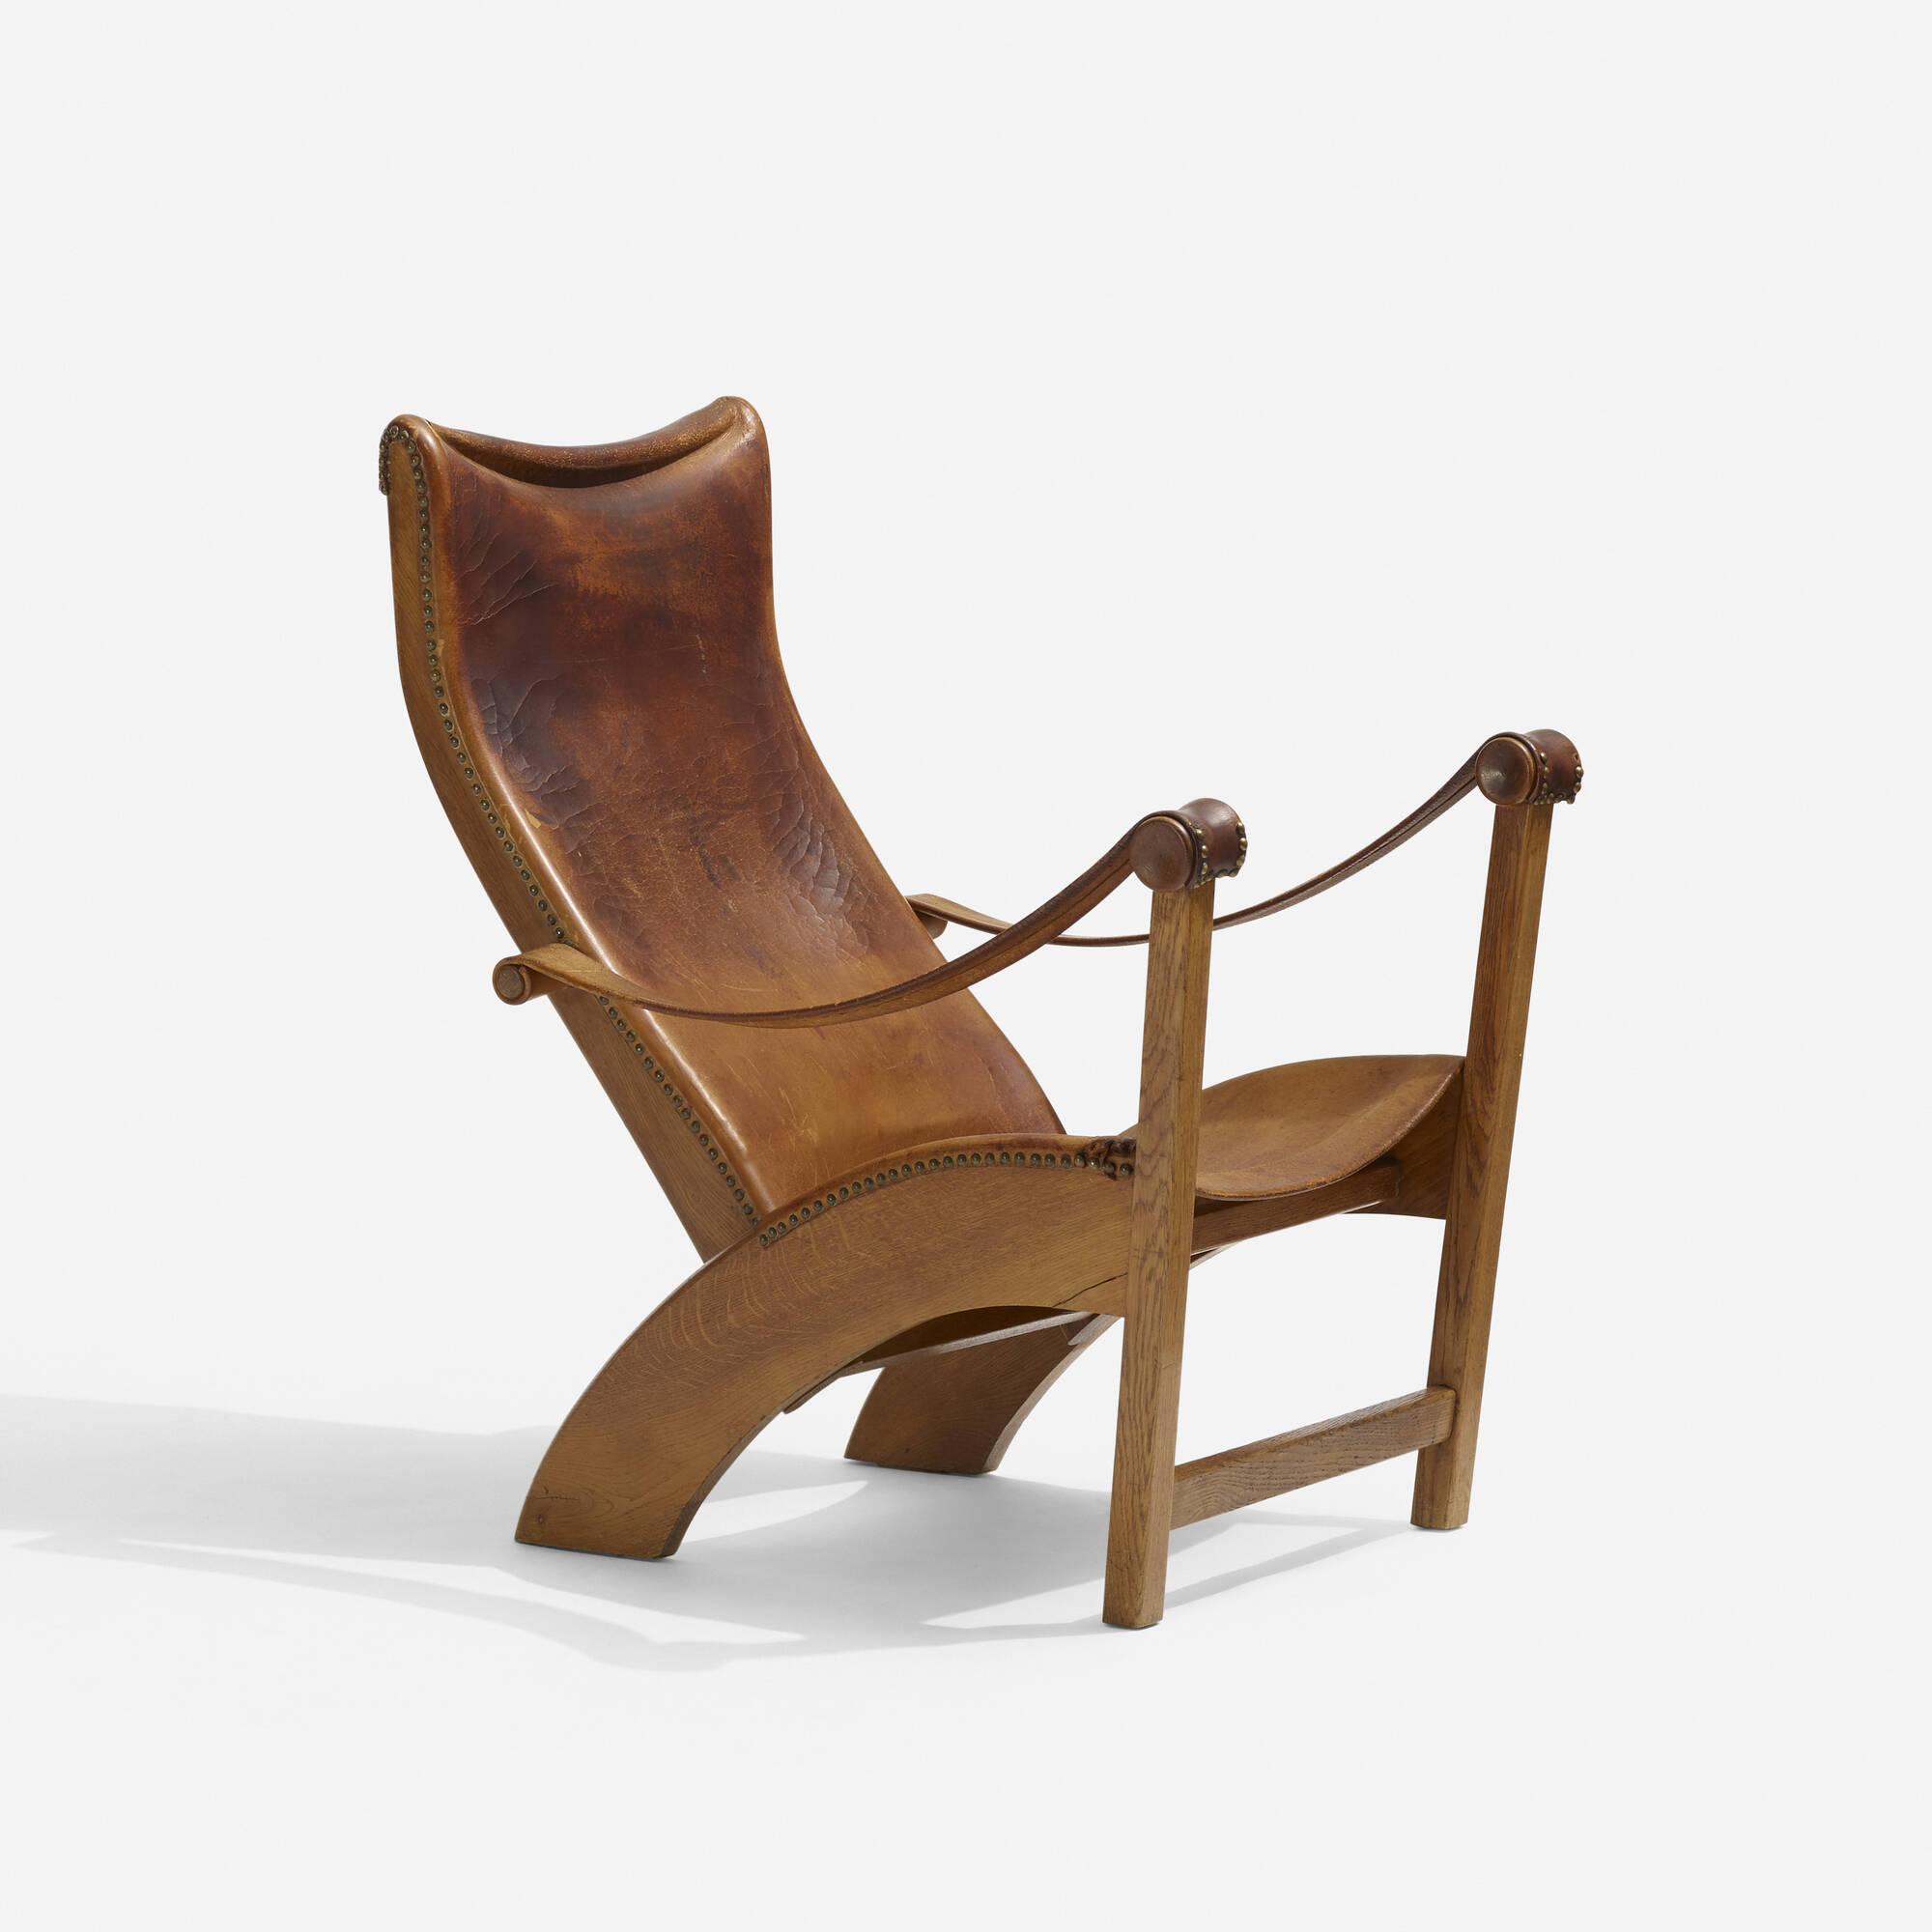 219: Mogens Voltelen / Copenhagen chair (1 of 3)